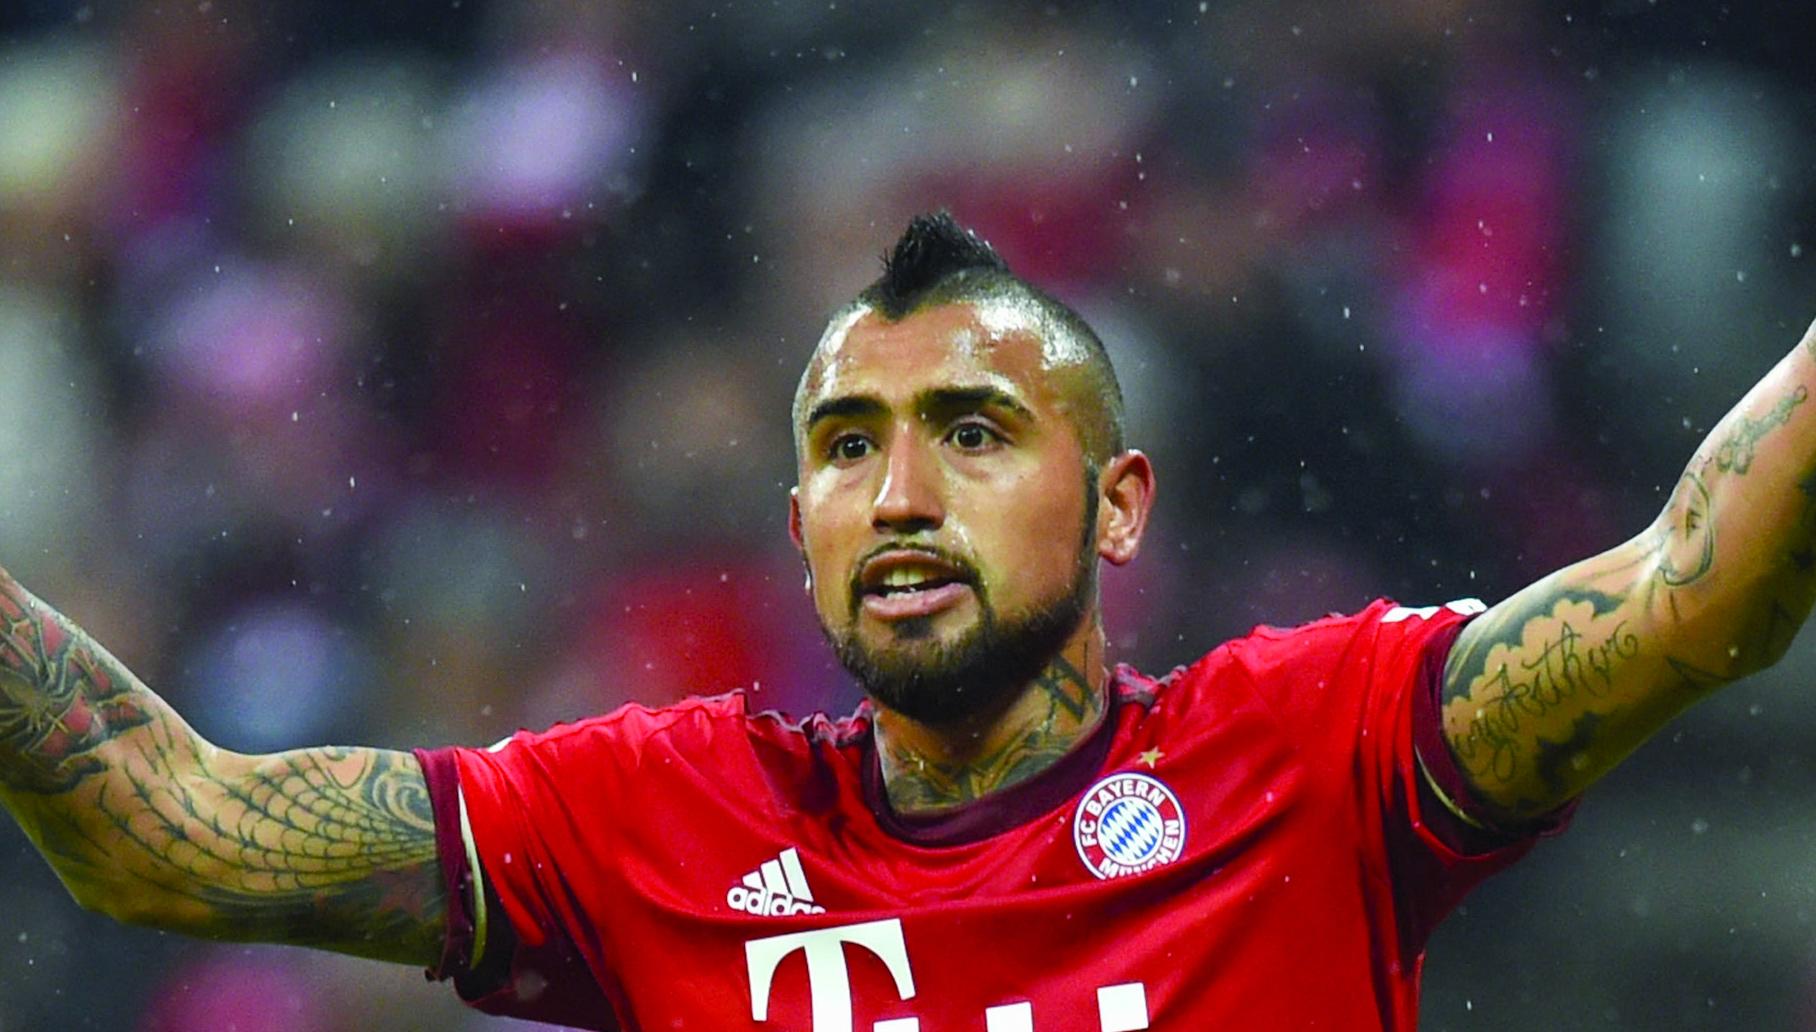 Bayern Munich s Arturo Vidal has mixed feelings about playing